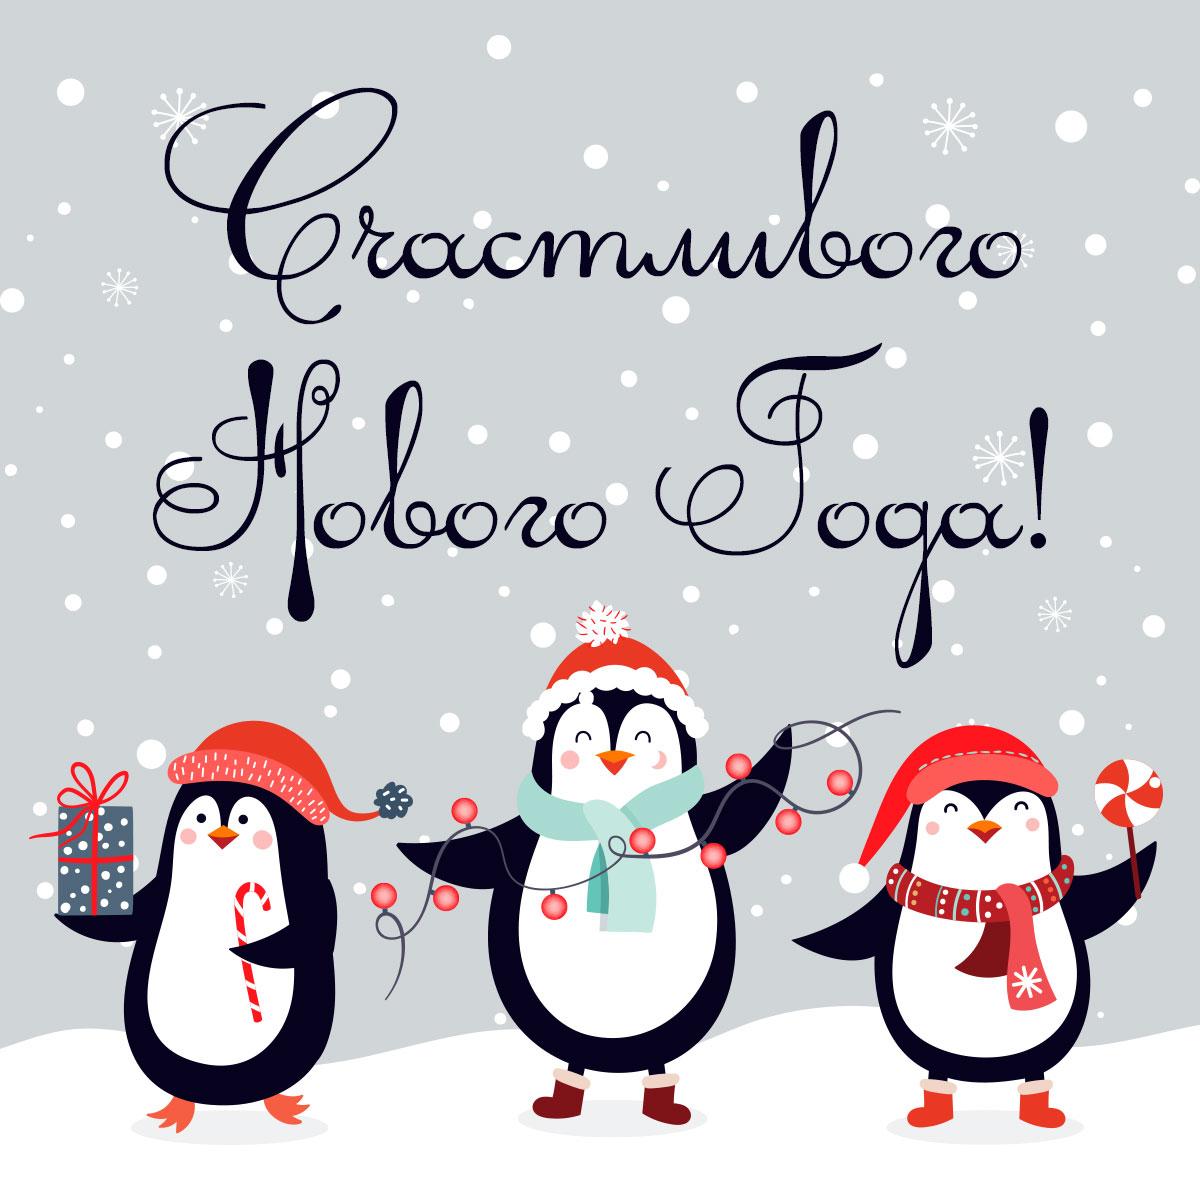 Картинка с тремя весёлыми пингвинами в шапках санта клауса.